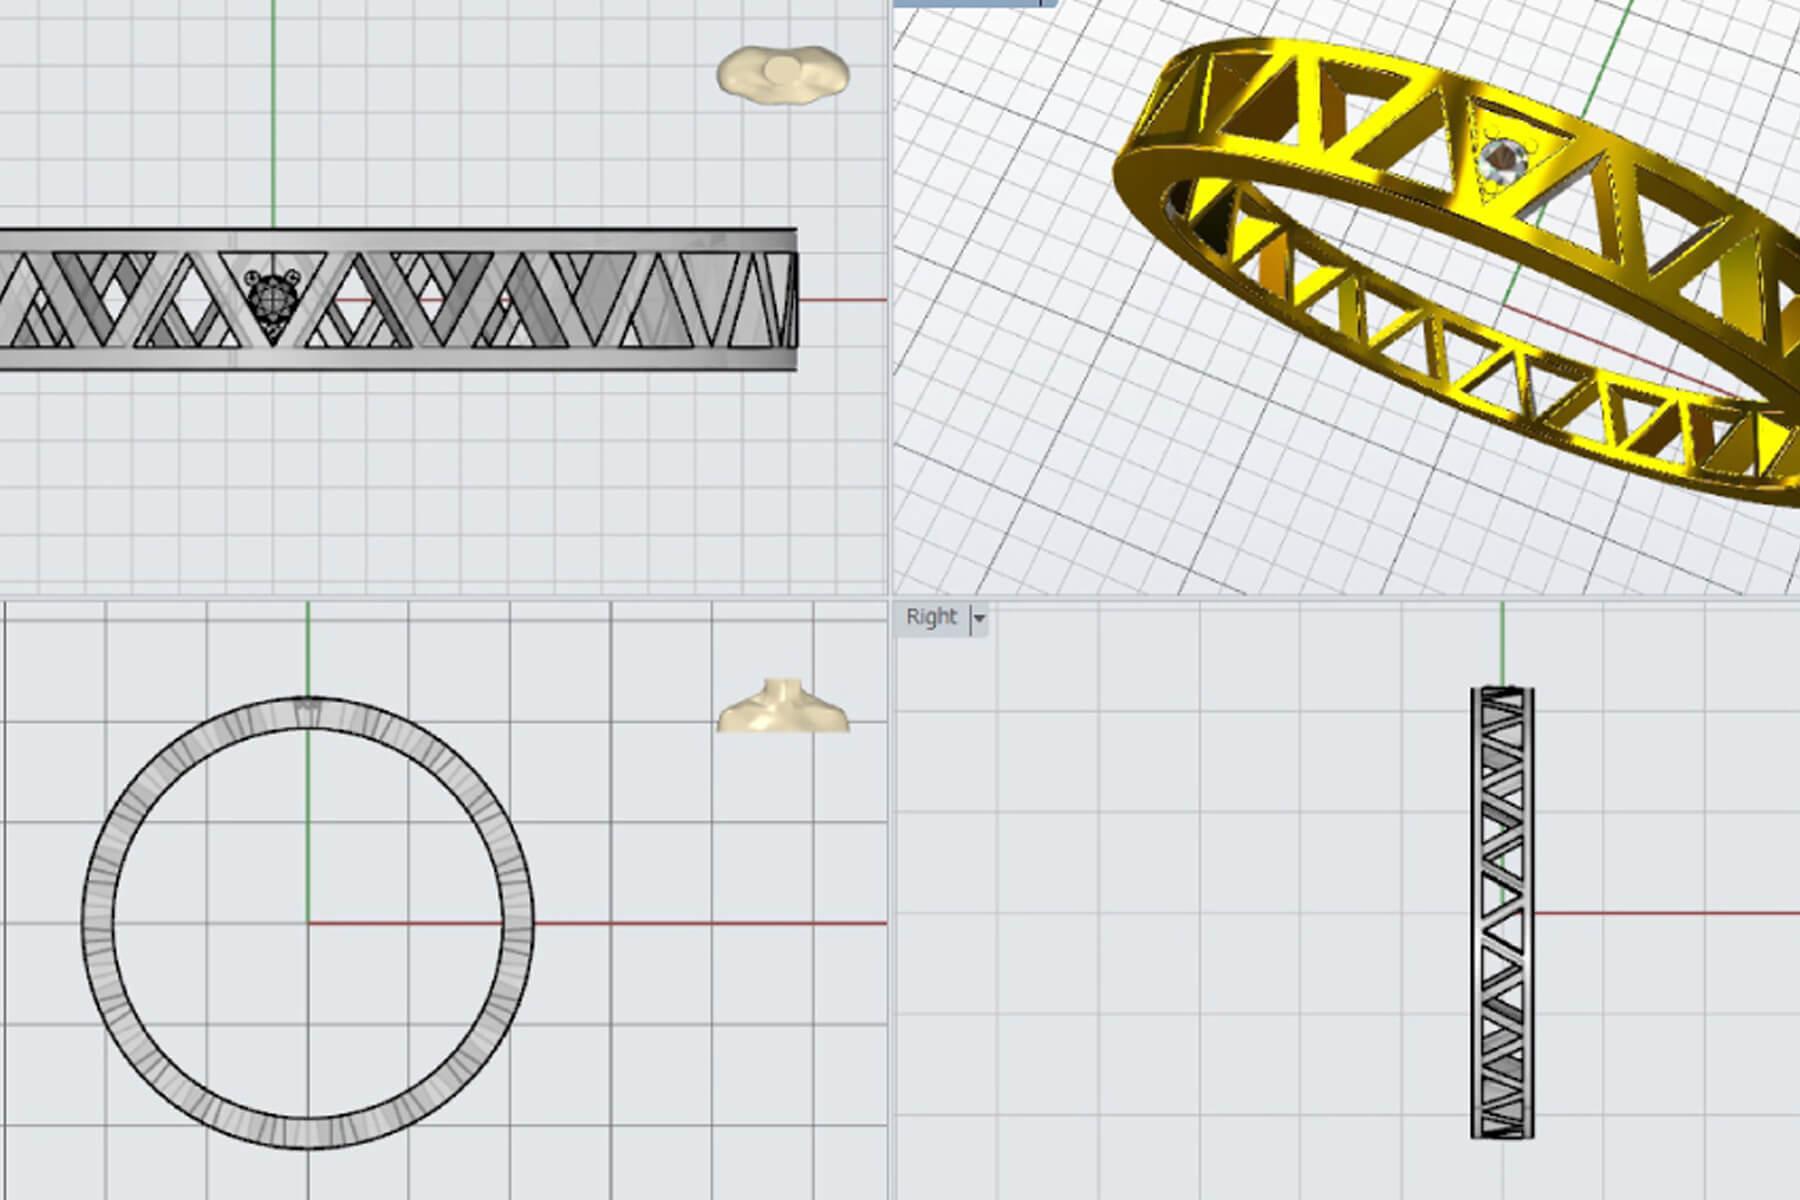 オーダーメイド・製法 | ジュエリーCAD・3Dプリンタ | かざりやゆい | 世界に一つだけの結婚指輪「kazariya Yui」 | 福島県郡山市